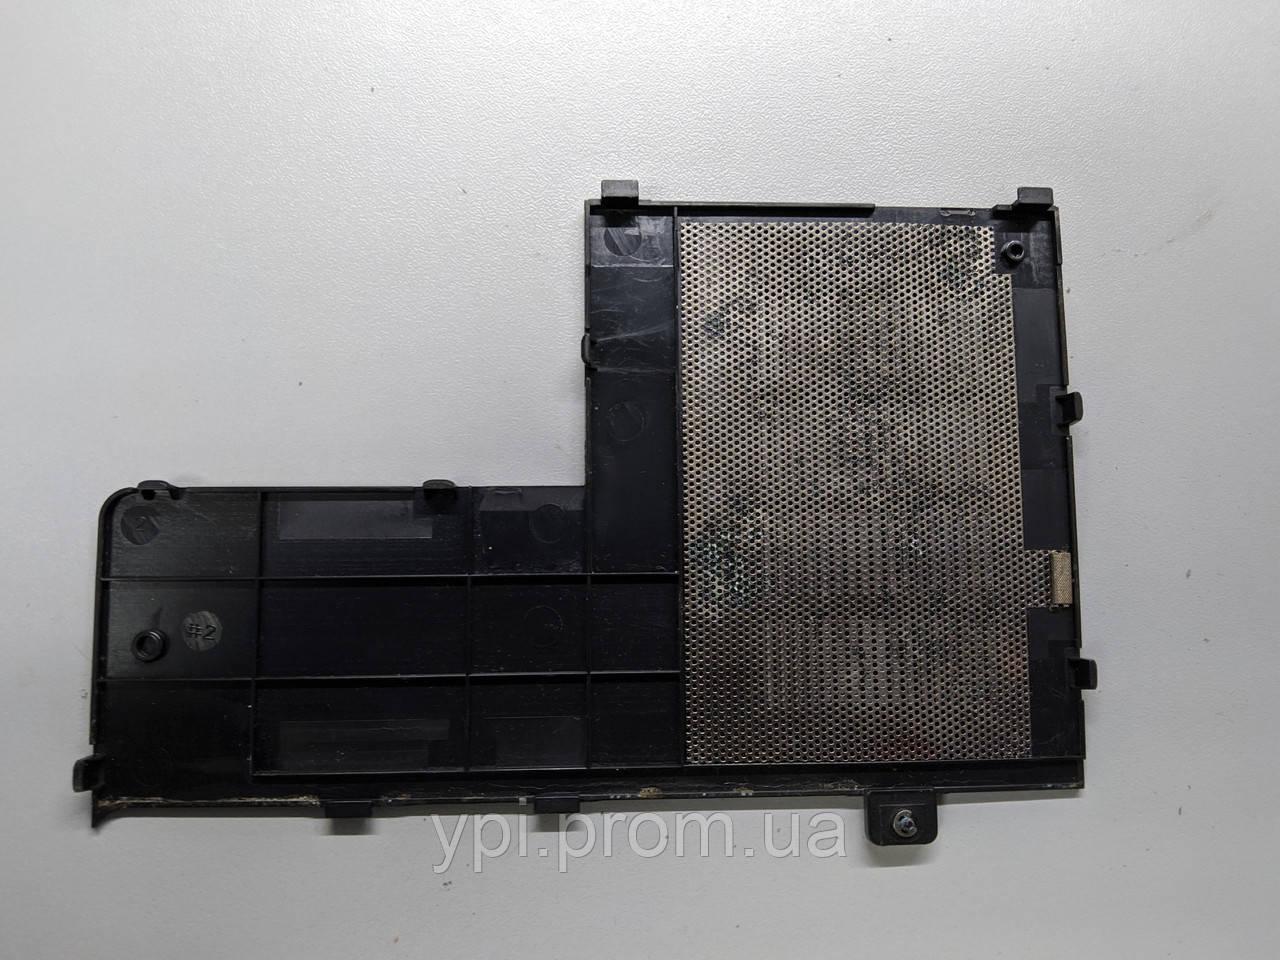 Cервисная крышка для ноутбука HP (Hewlett Packard) 655